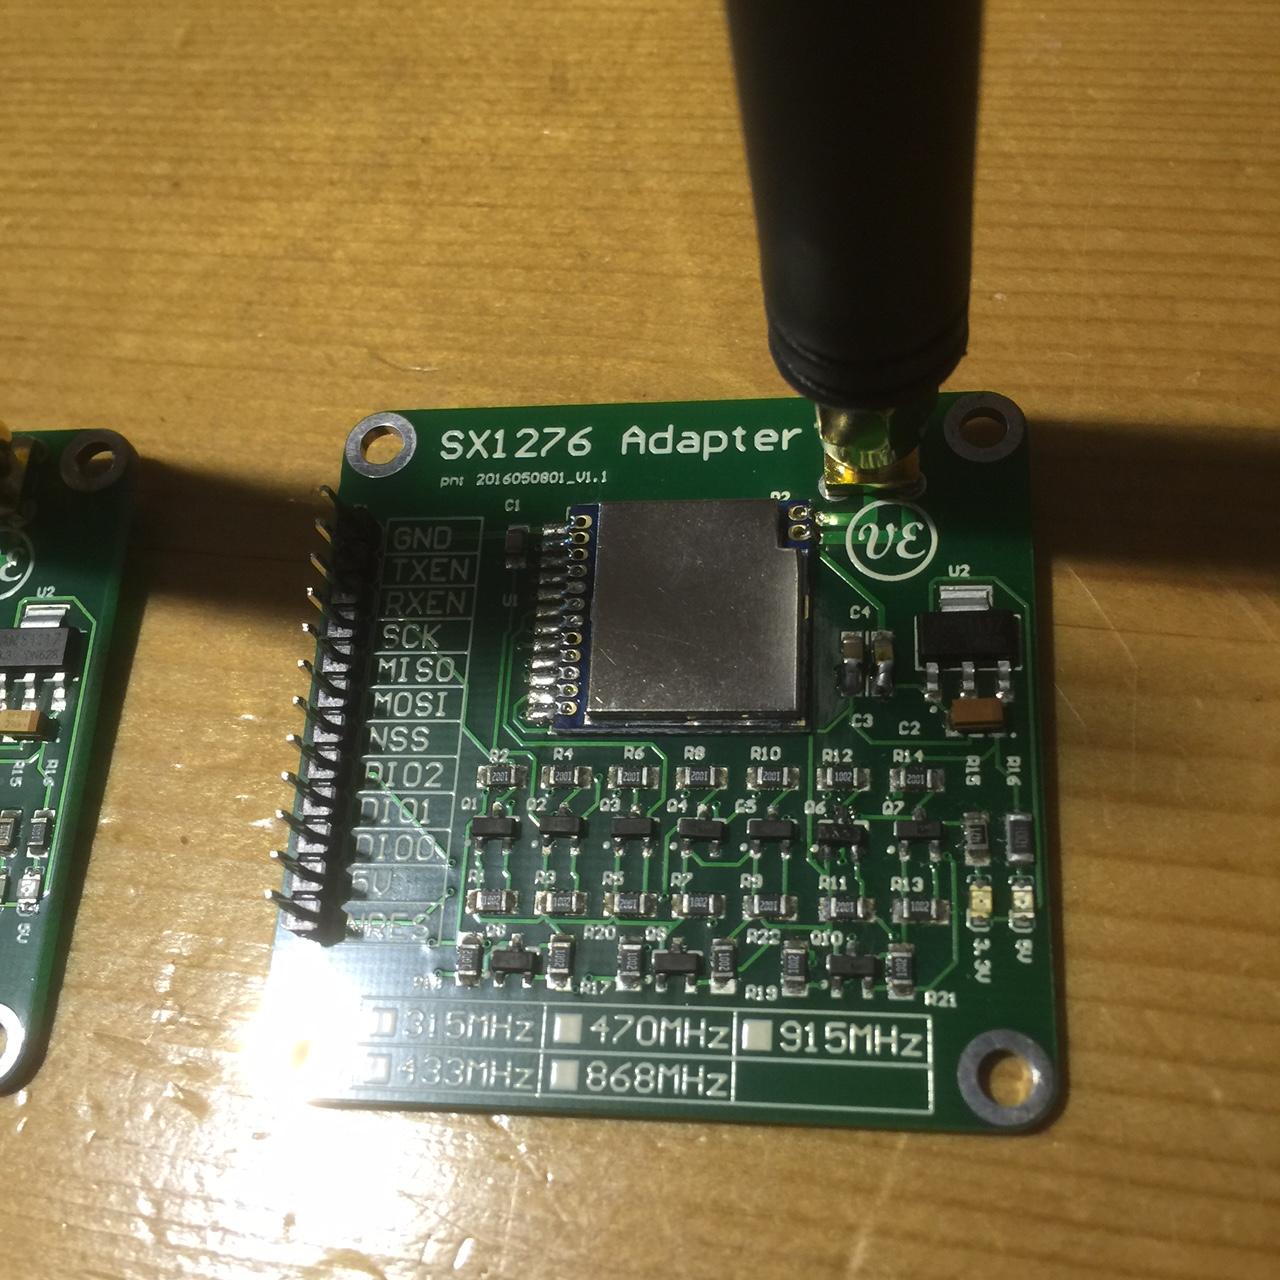 Lora SX1276 Adapter print V1.1B